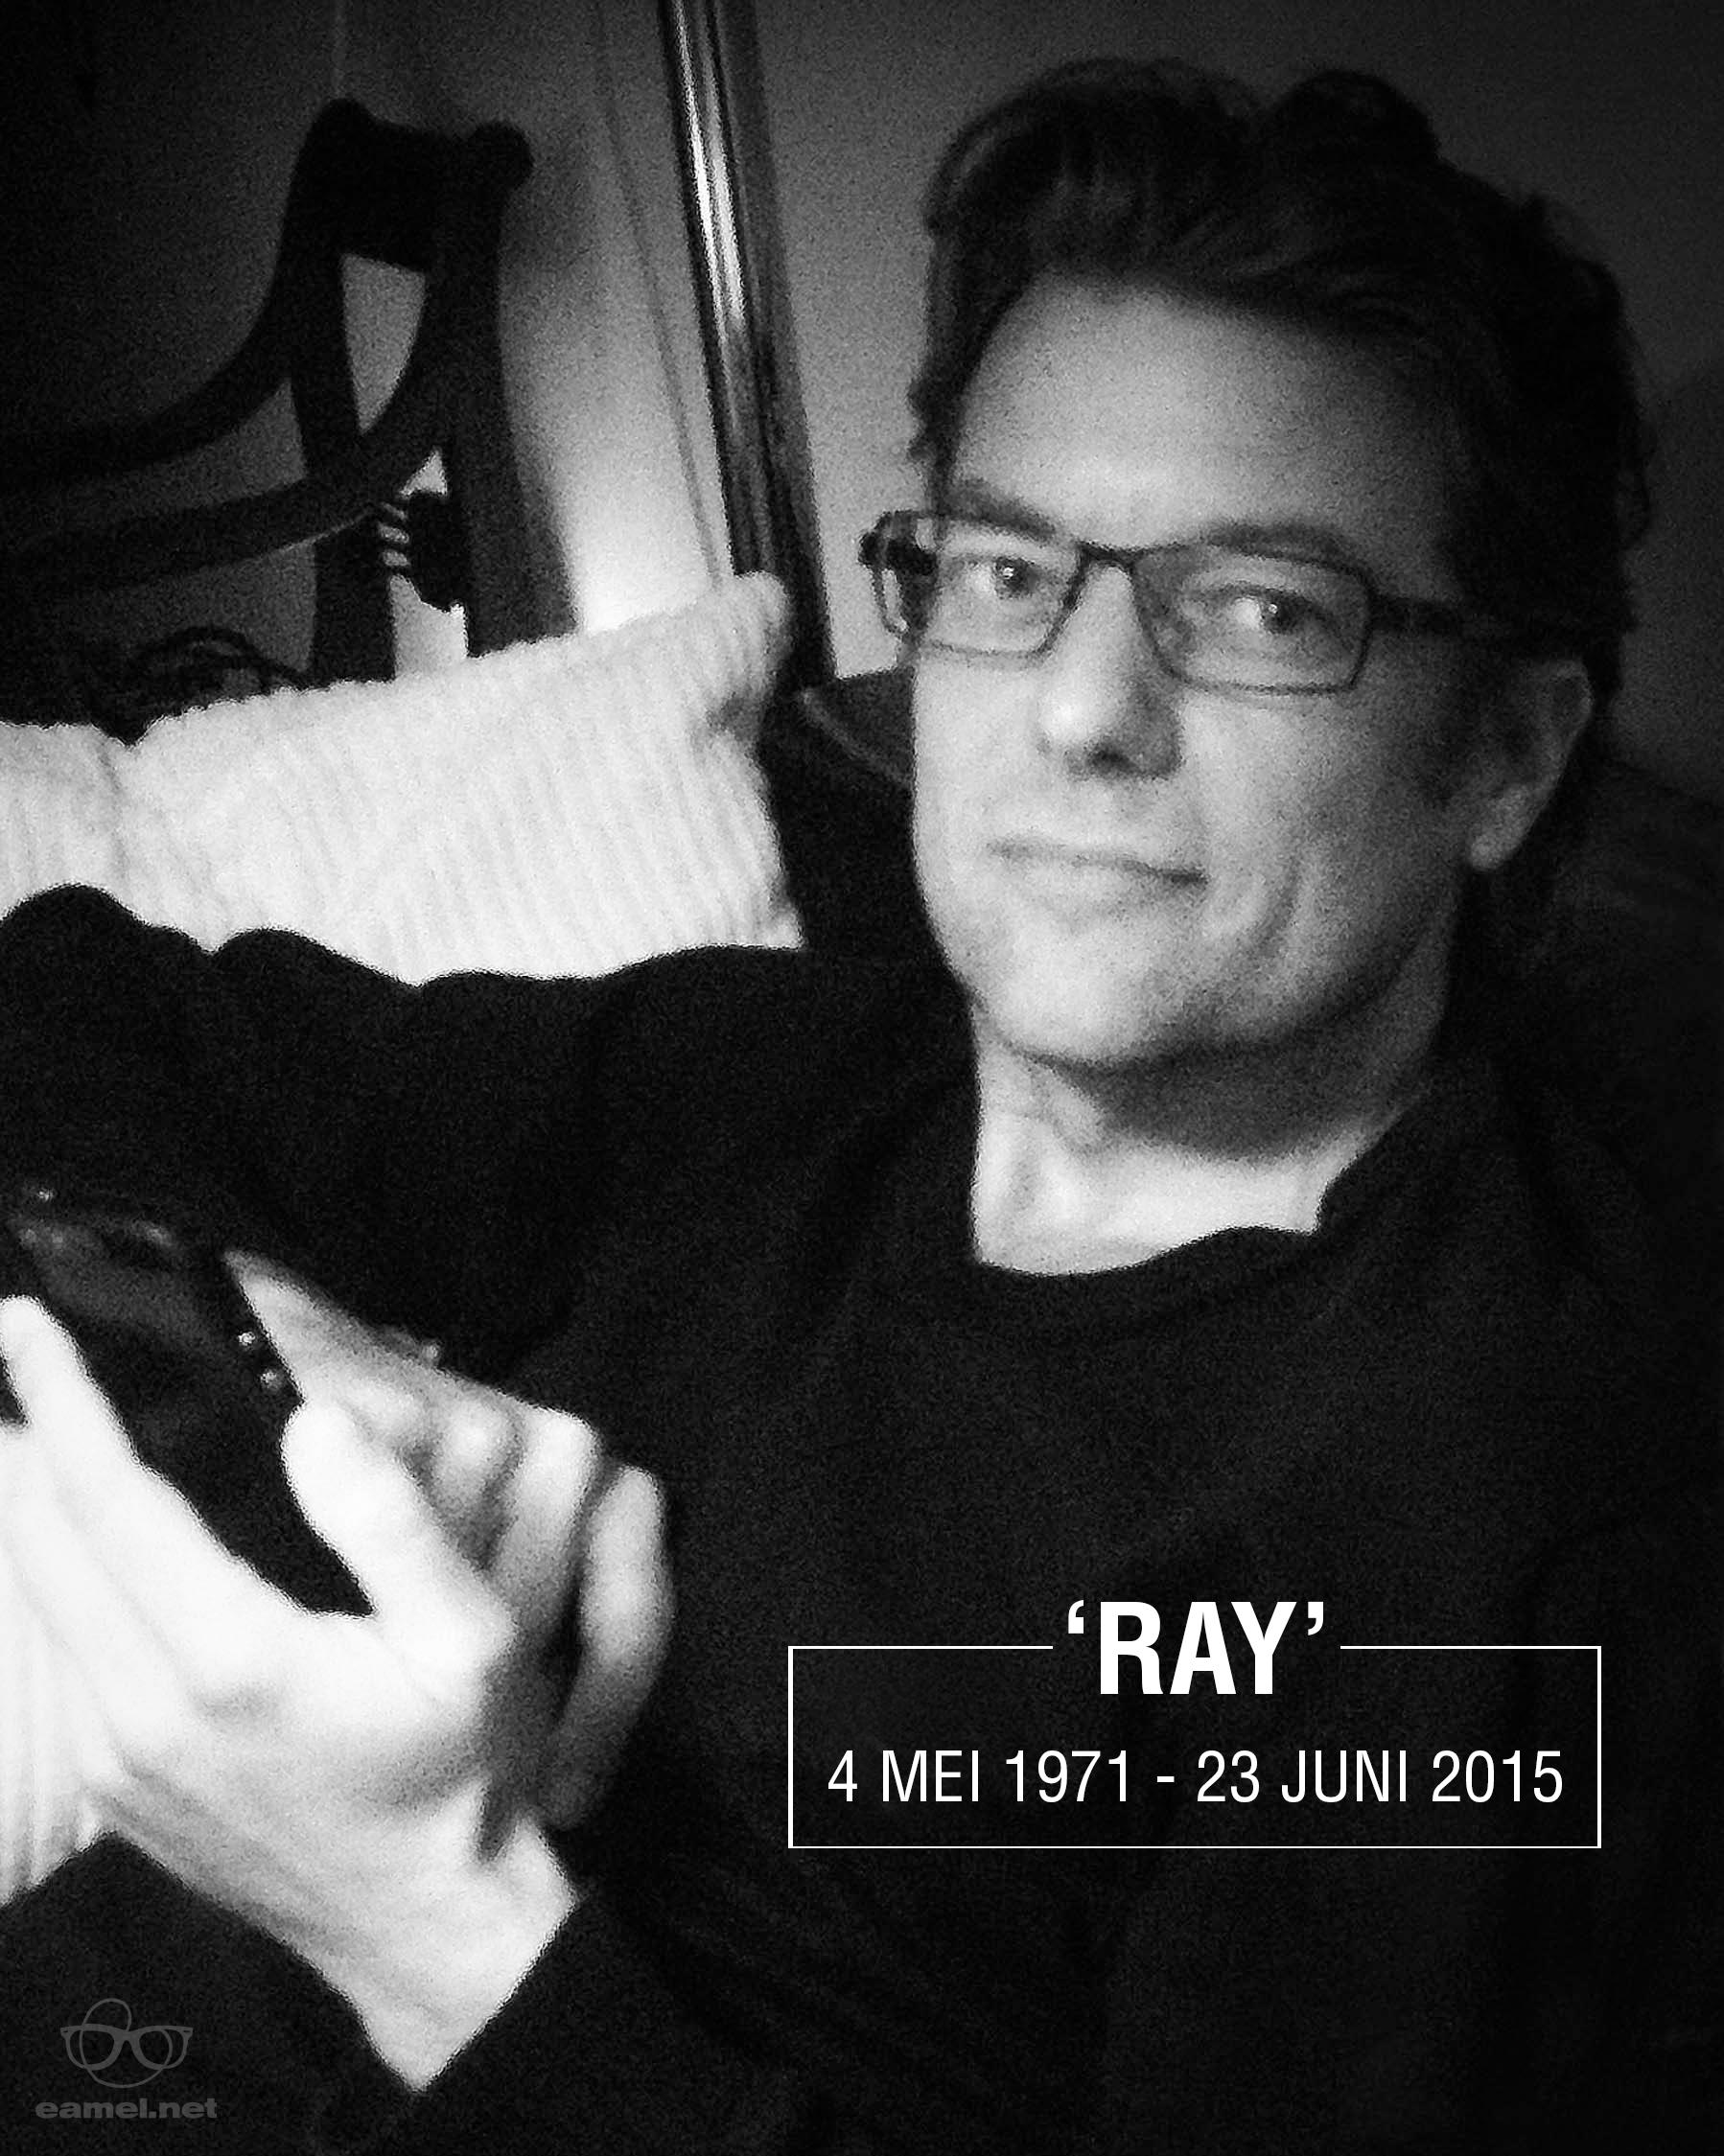 RaY 1798 1 - Dag Ray †